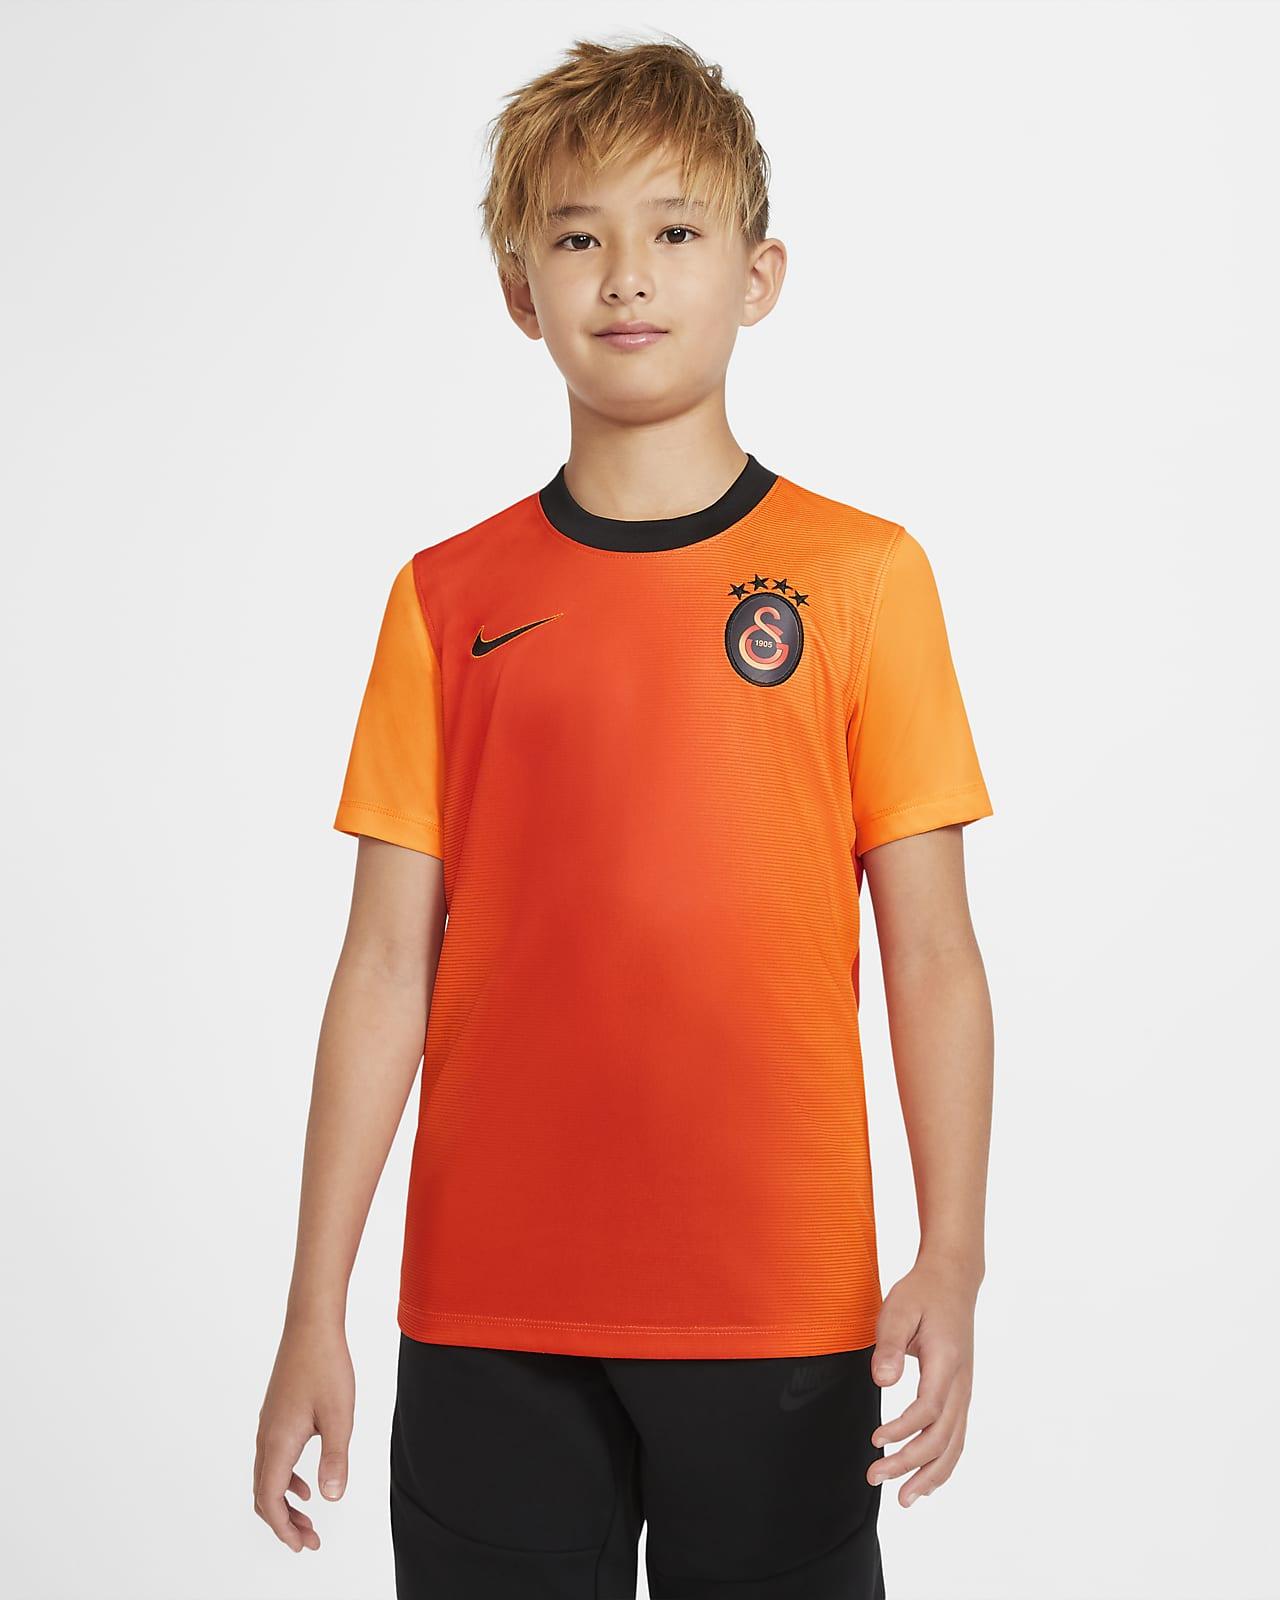 Camiseta de fútbol para niños talla grande Galatasaray Third